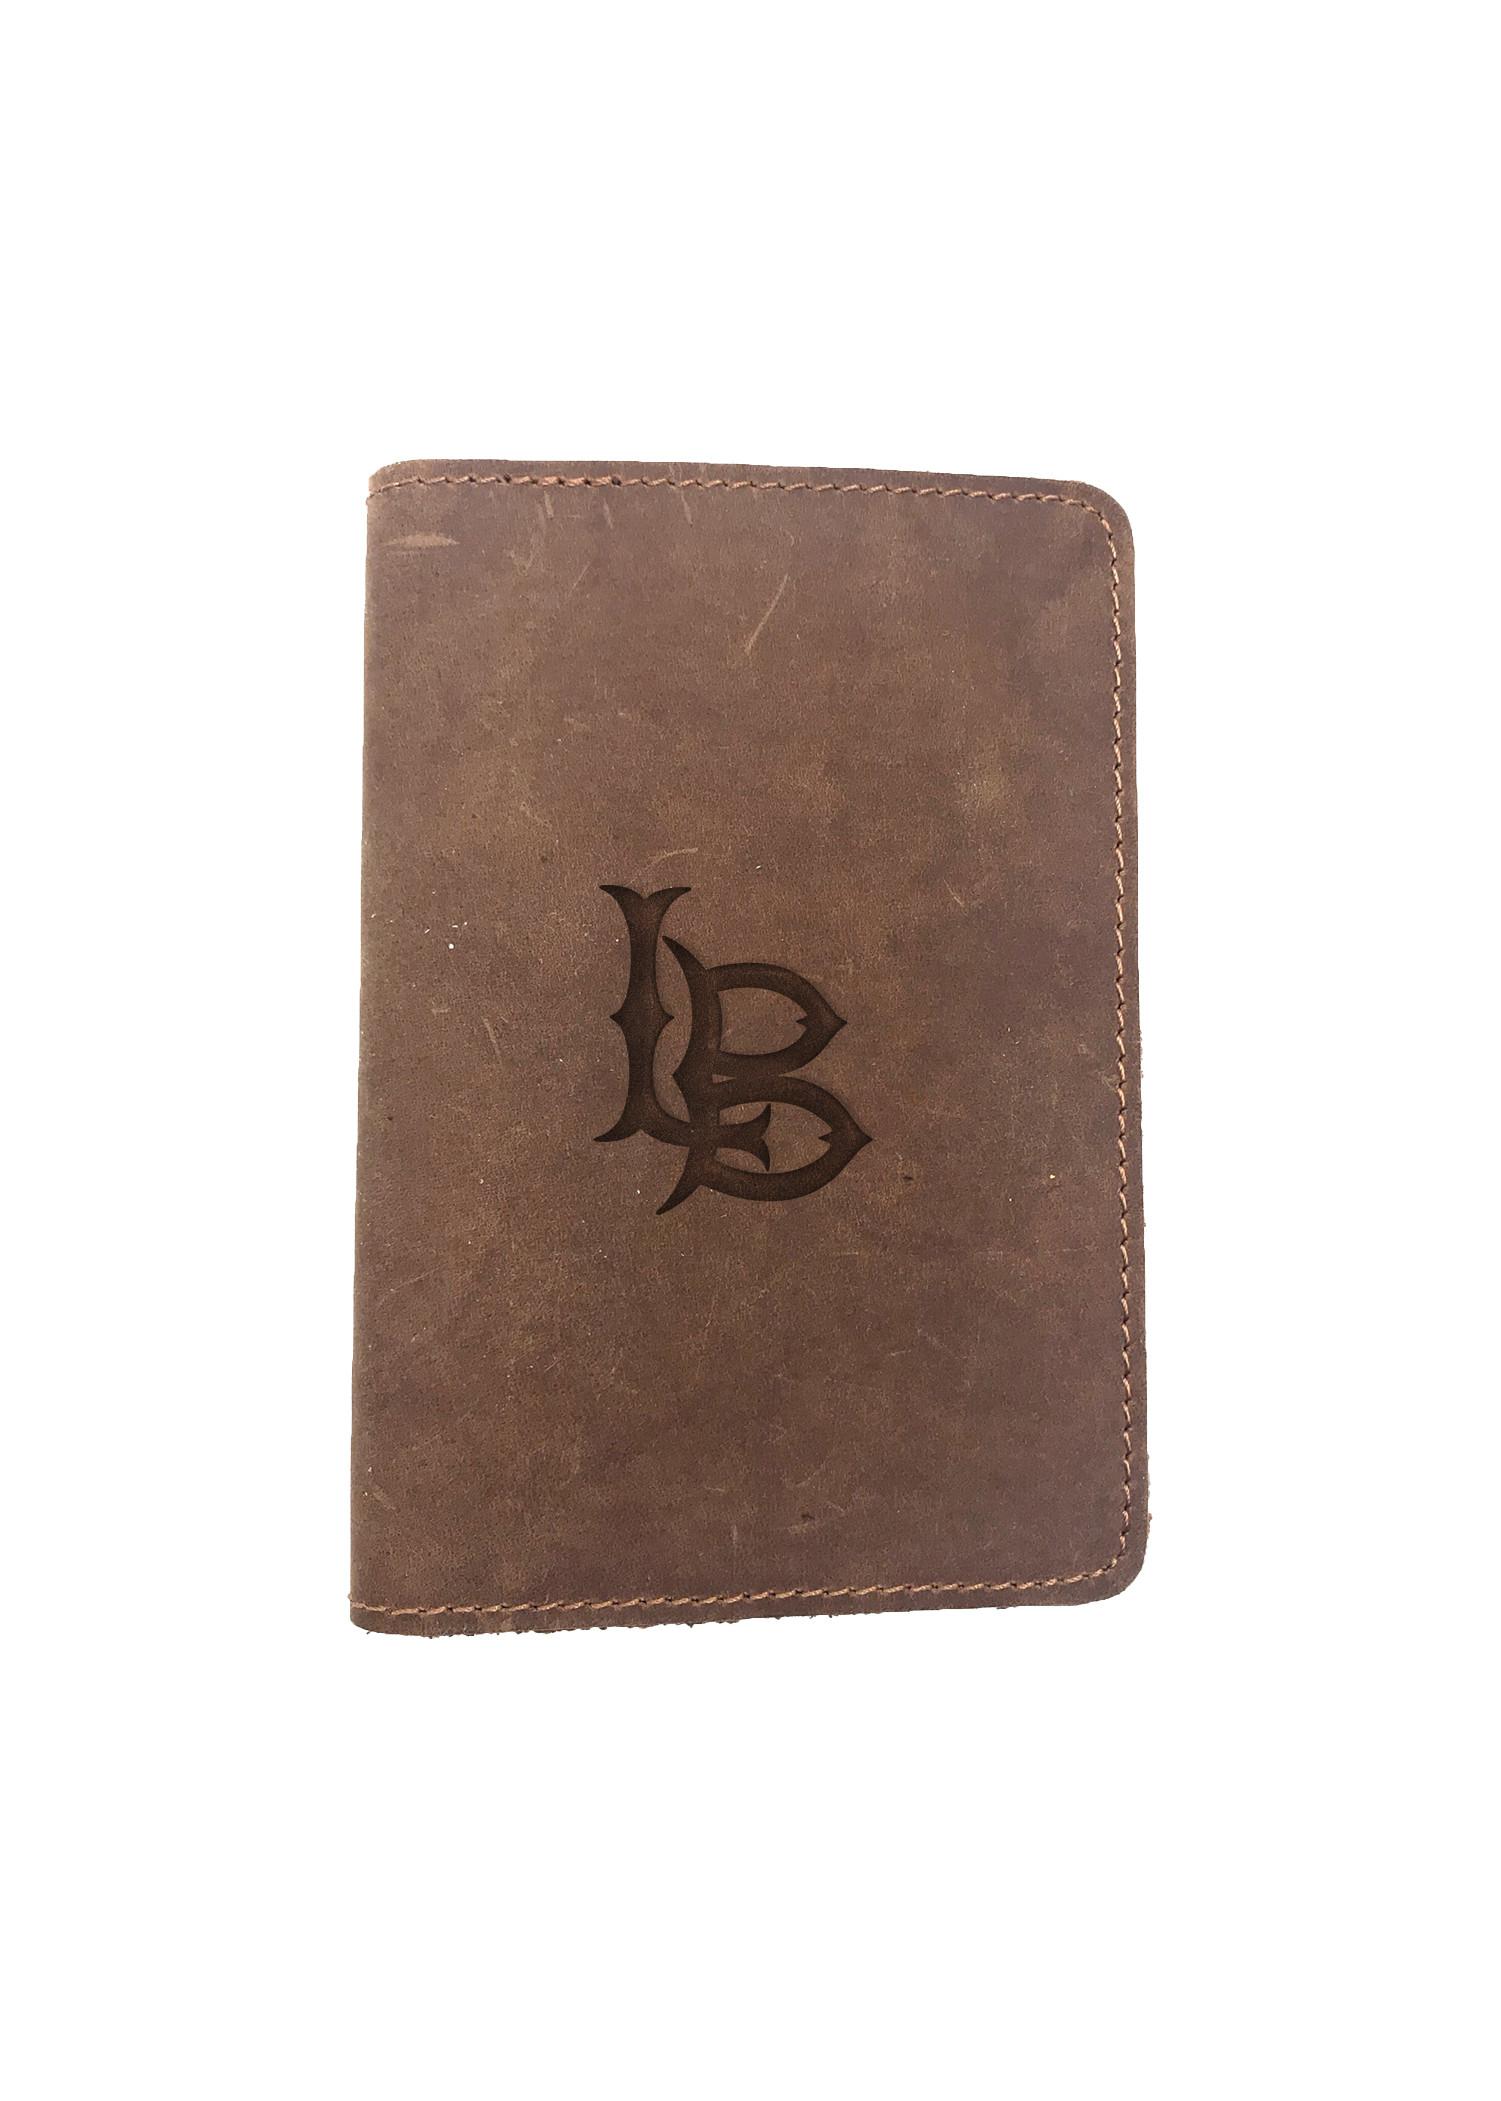 Passport Cover Bao Da Hộ Chiếu Da Sáp Khắc Hình Chữ LONG BEACHH (BROWN)